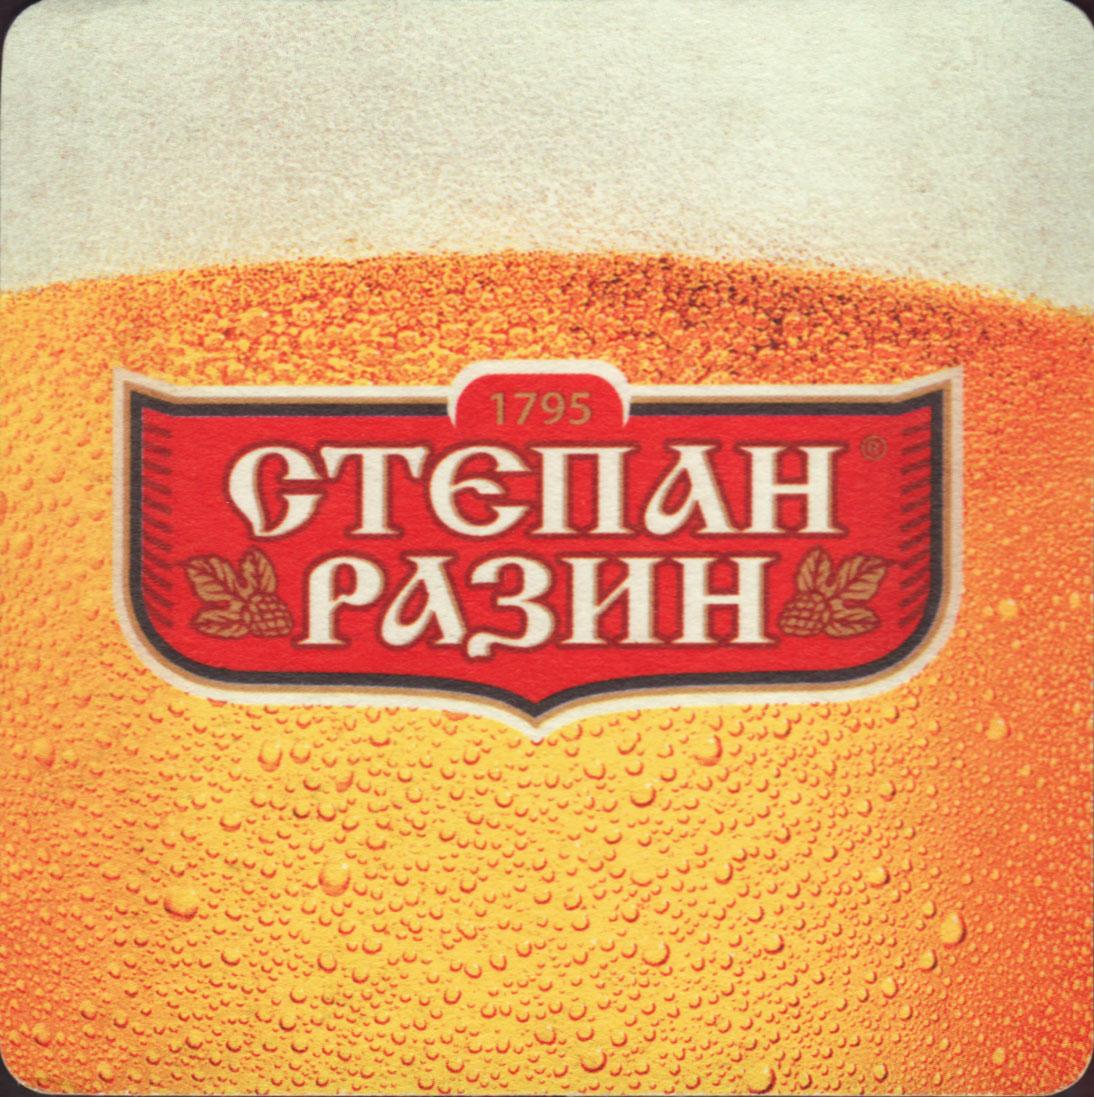 Степана разина пивоваренная компания официальный сайт сайты создание через ucoz